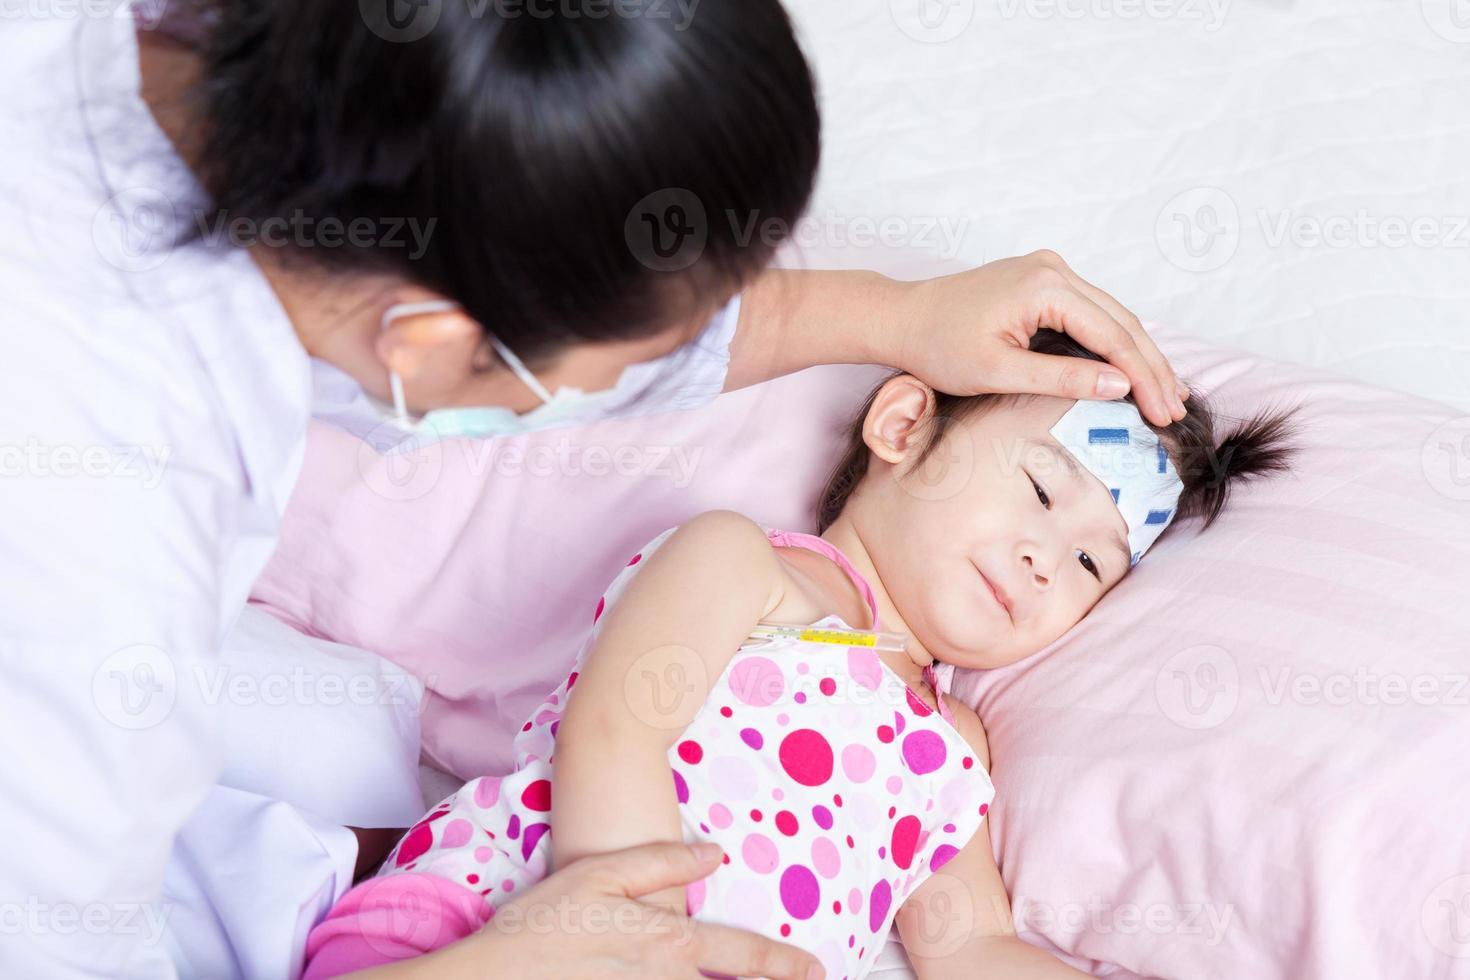 petite fille malade nourrie par un pédiatre photo